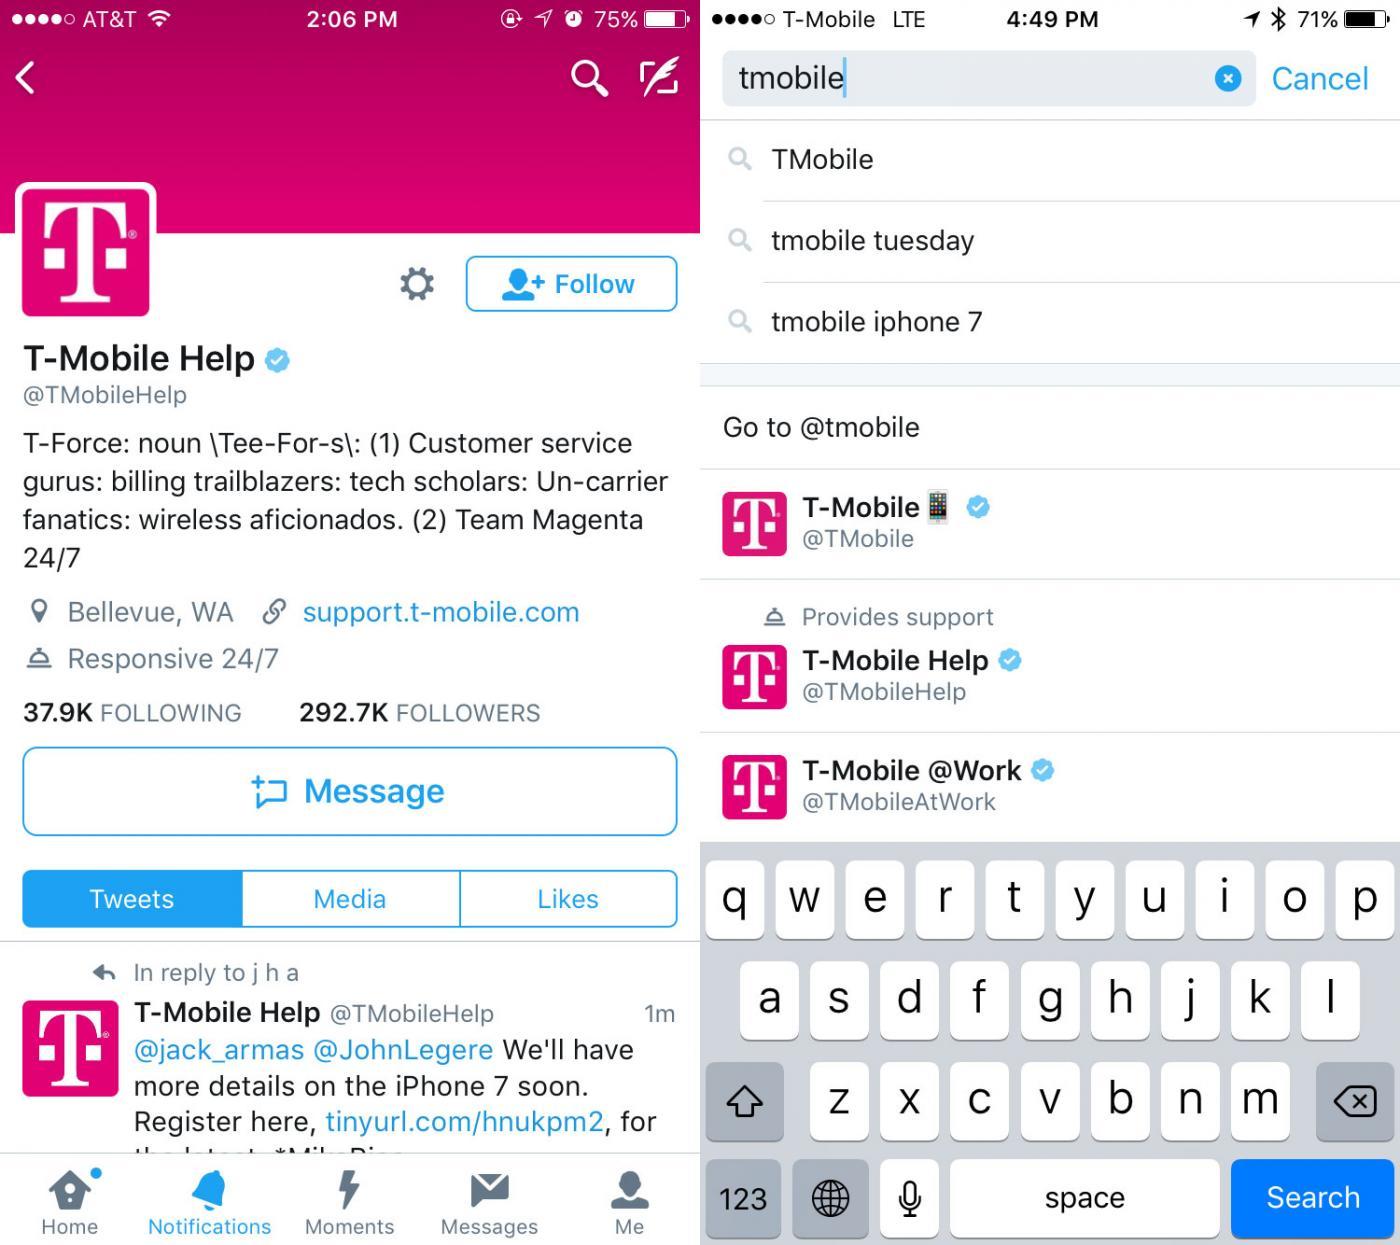 Nieuwe mogelijkheden voor klantenservice op Twitter